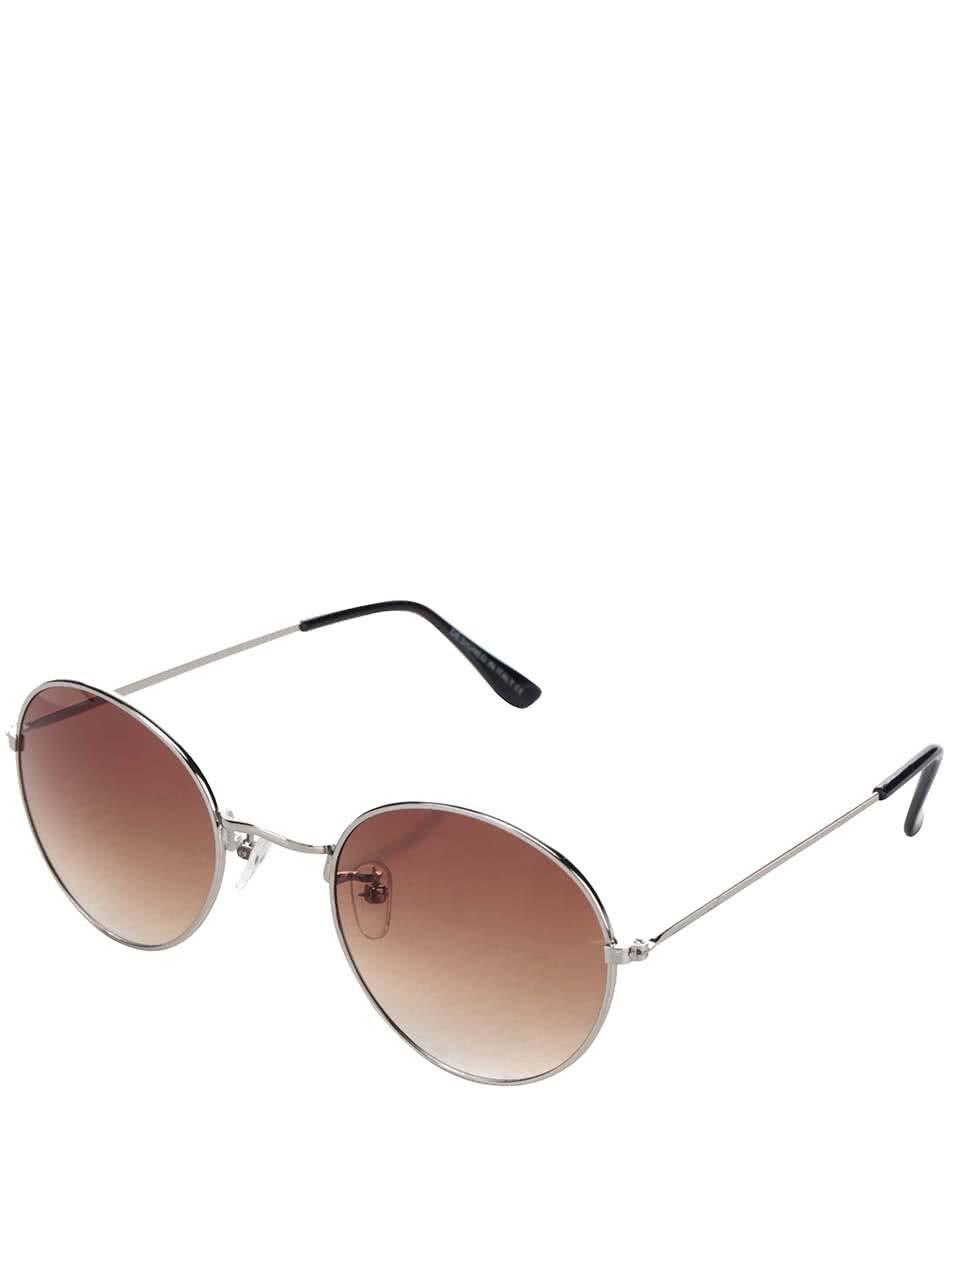 Sluneční brýle s obroučkami ve sříbrné barvě a hnědými skly Haily´s Rondie